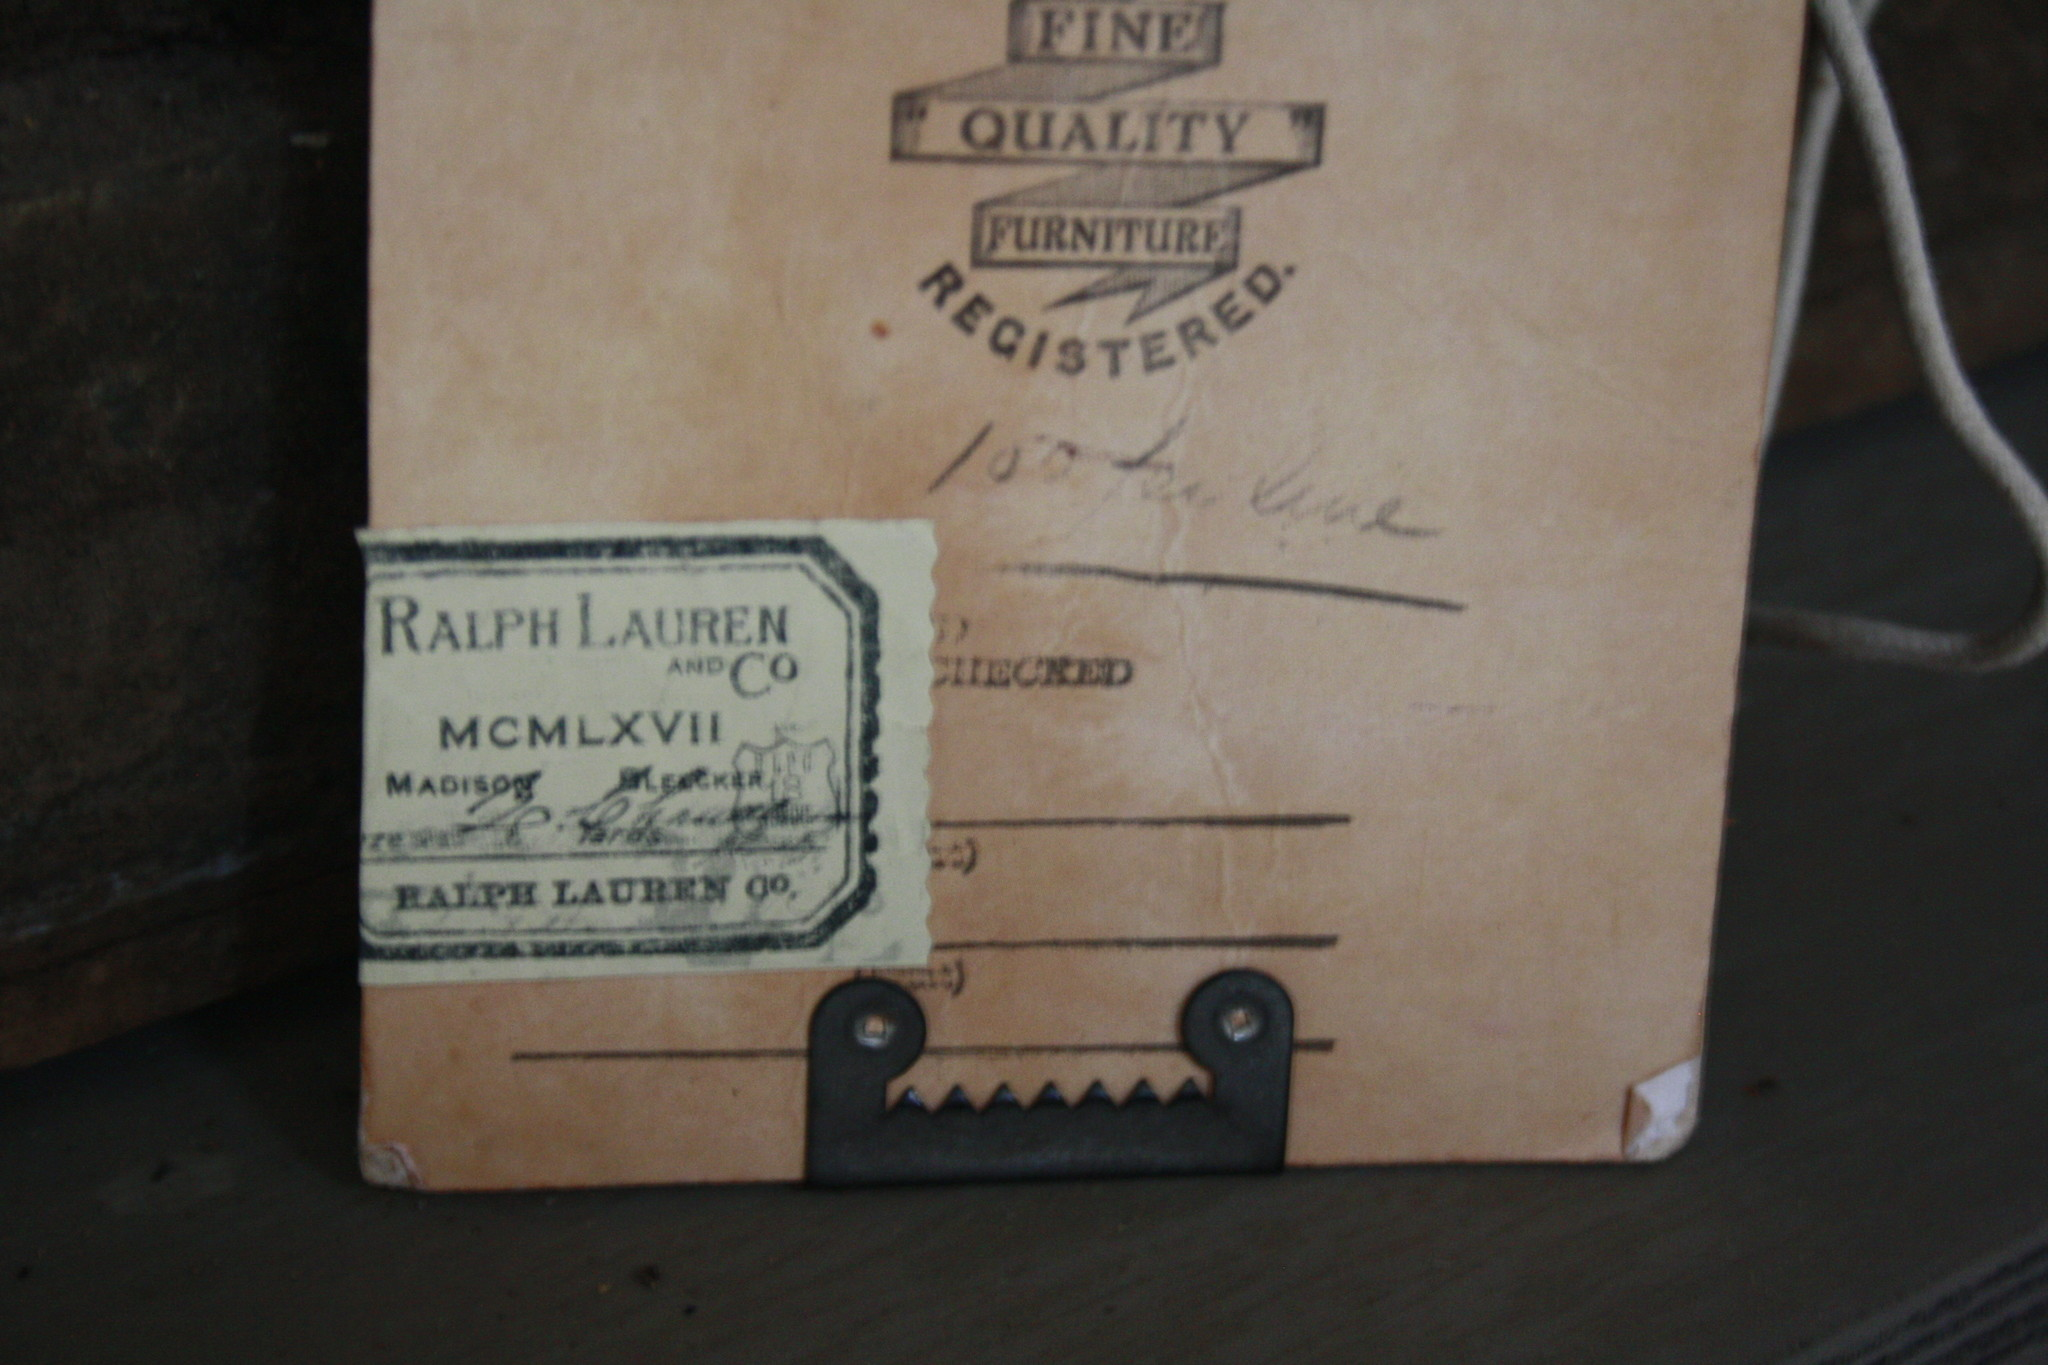 Ralph Lauren Avaro Hoge Houten Open Kast 237 cm 3-vaks Ralp Lauren-8